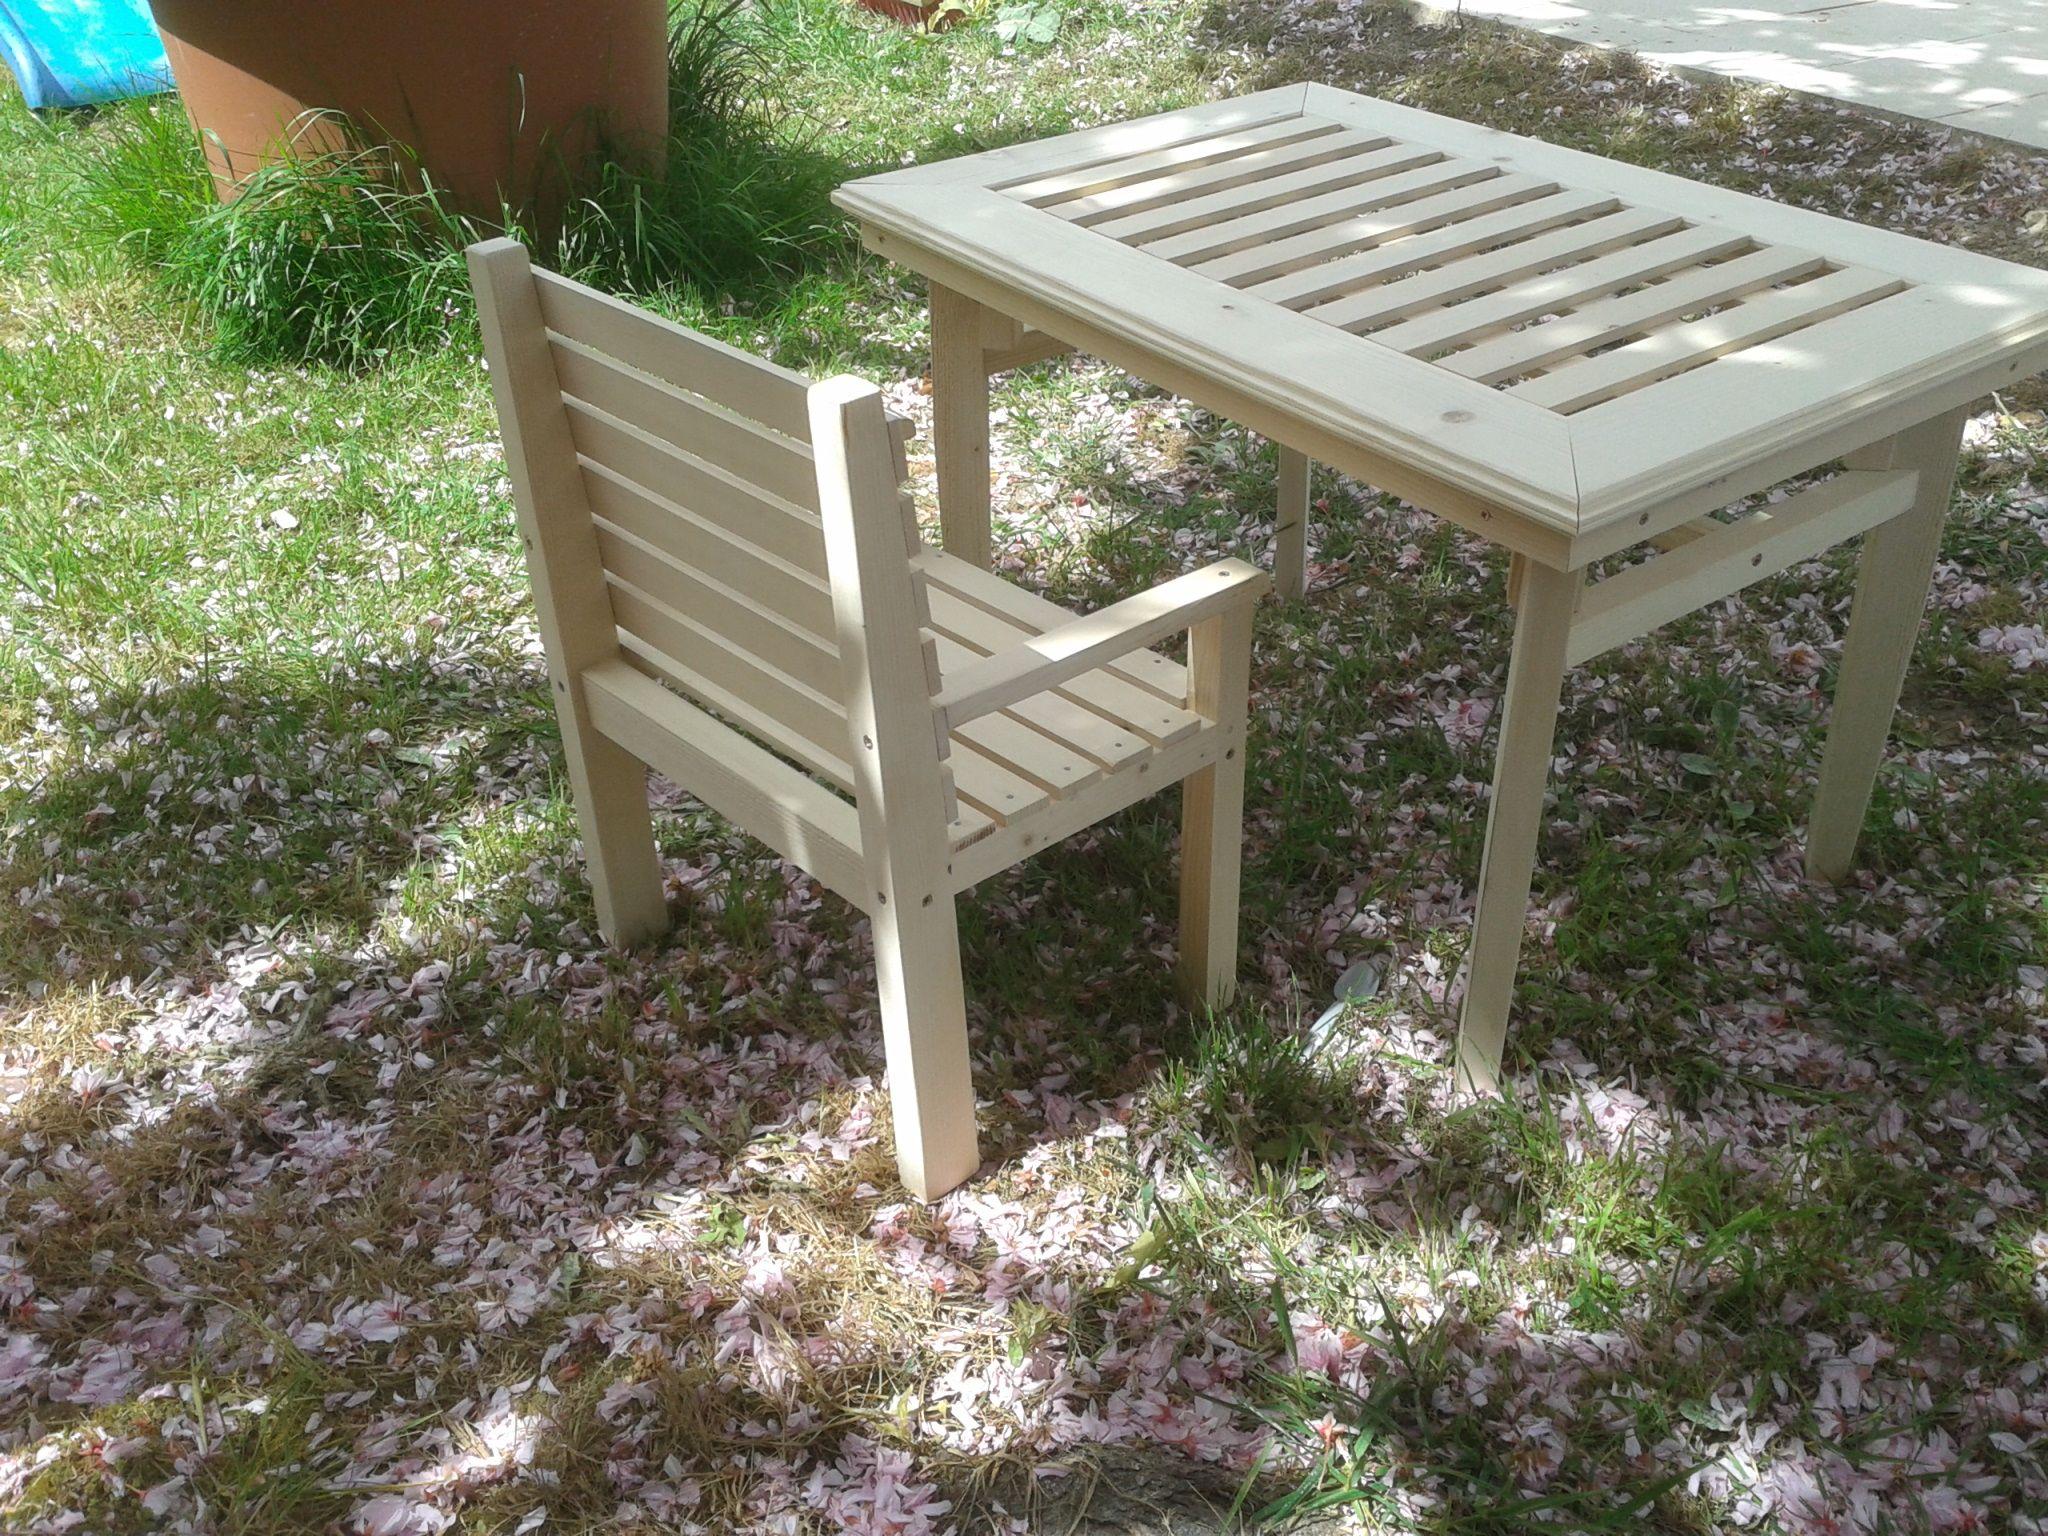 Petite Table Basse Exterieur Génial Table De Jardin Chaise Instructions De Montage Of 25 Charmant Petite Table Basse Exterieur